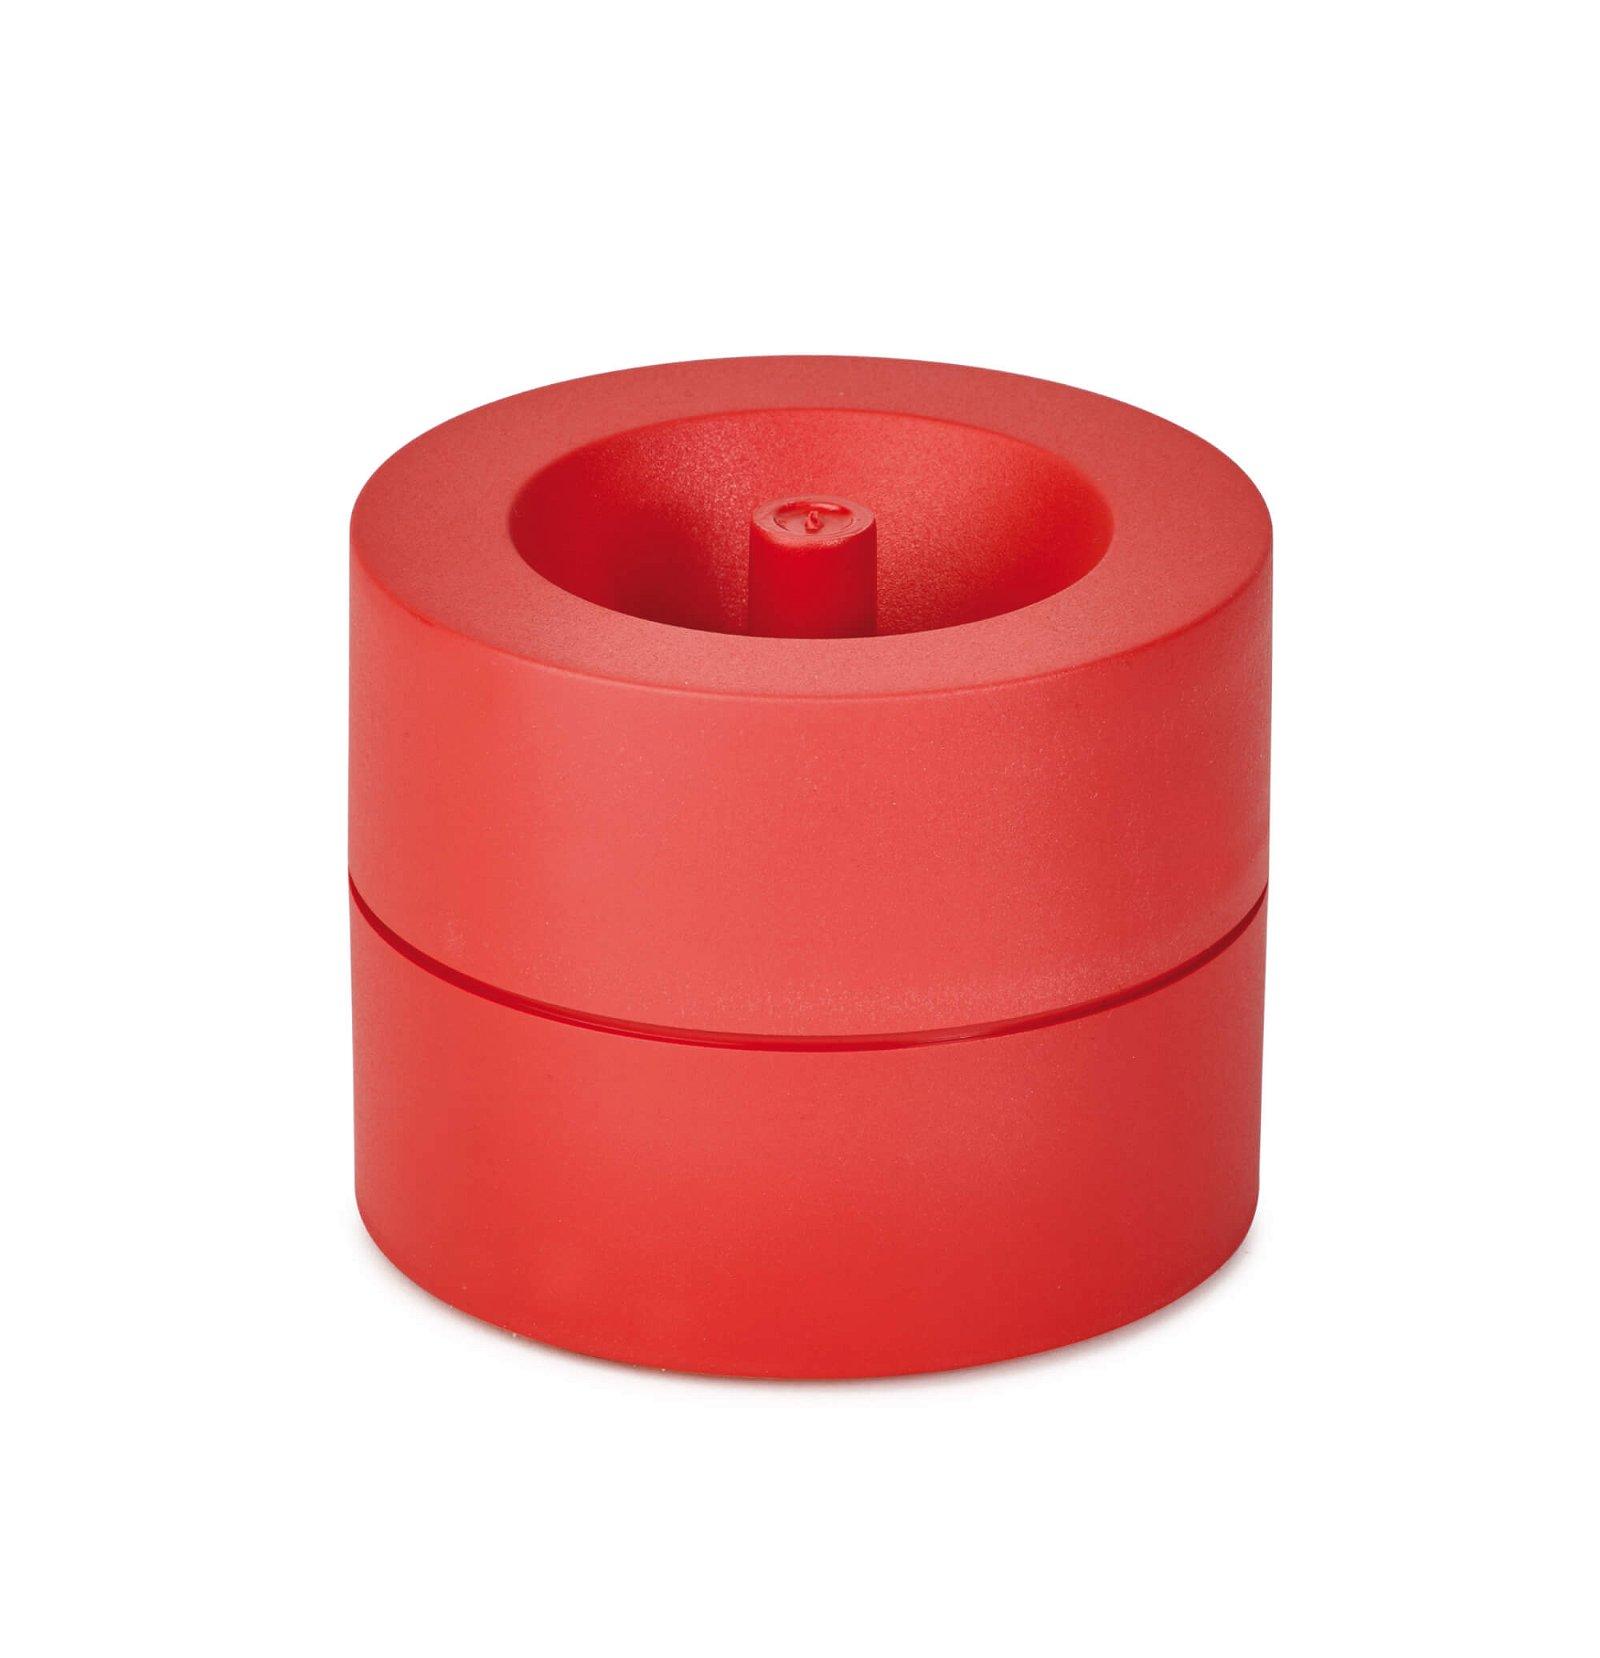 Klammernspender MAULpro Eco, rot